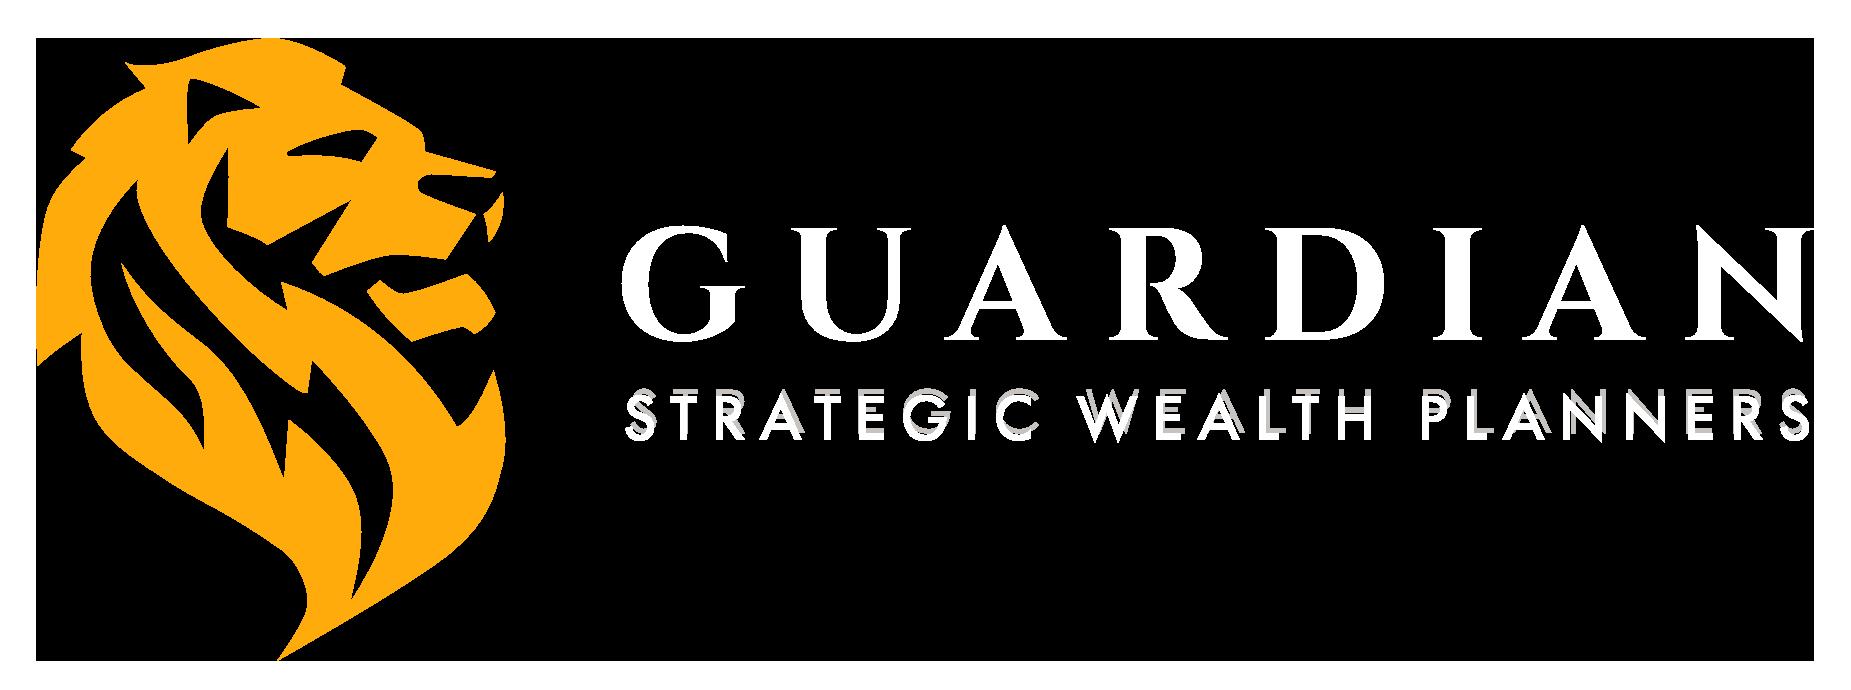 Guardian Strategic Wealth Planners